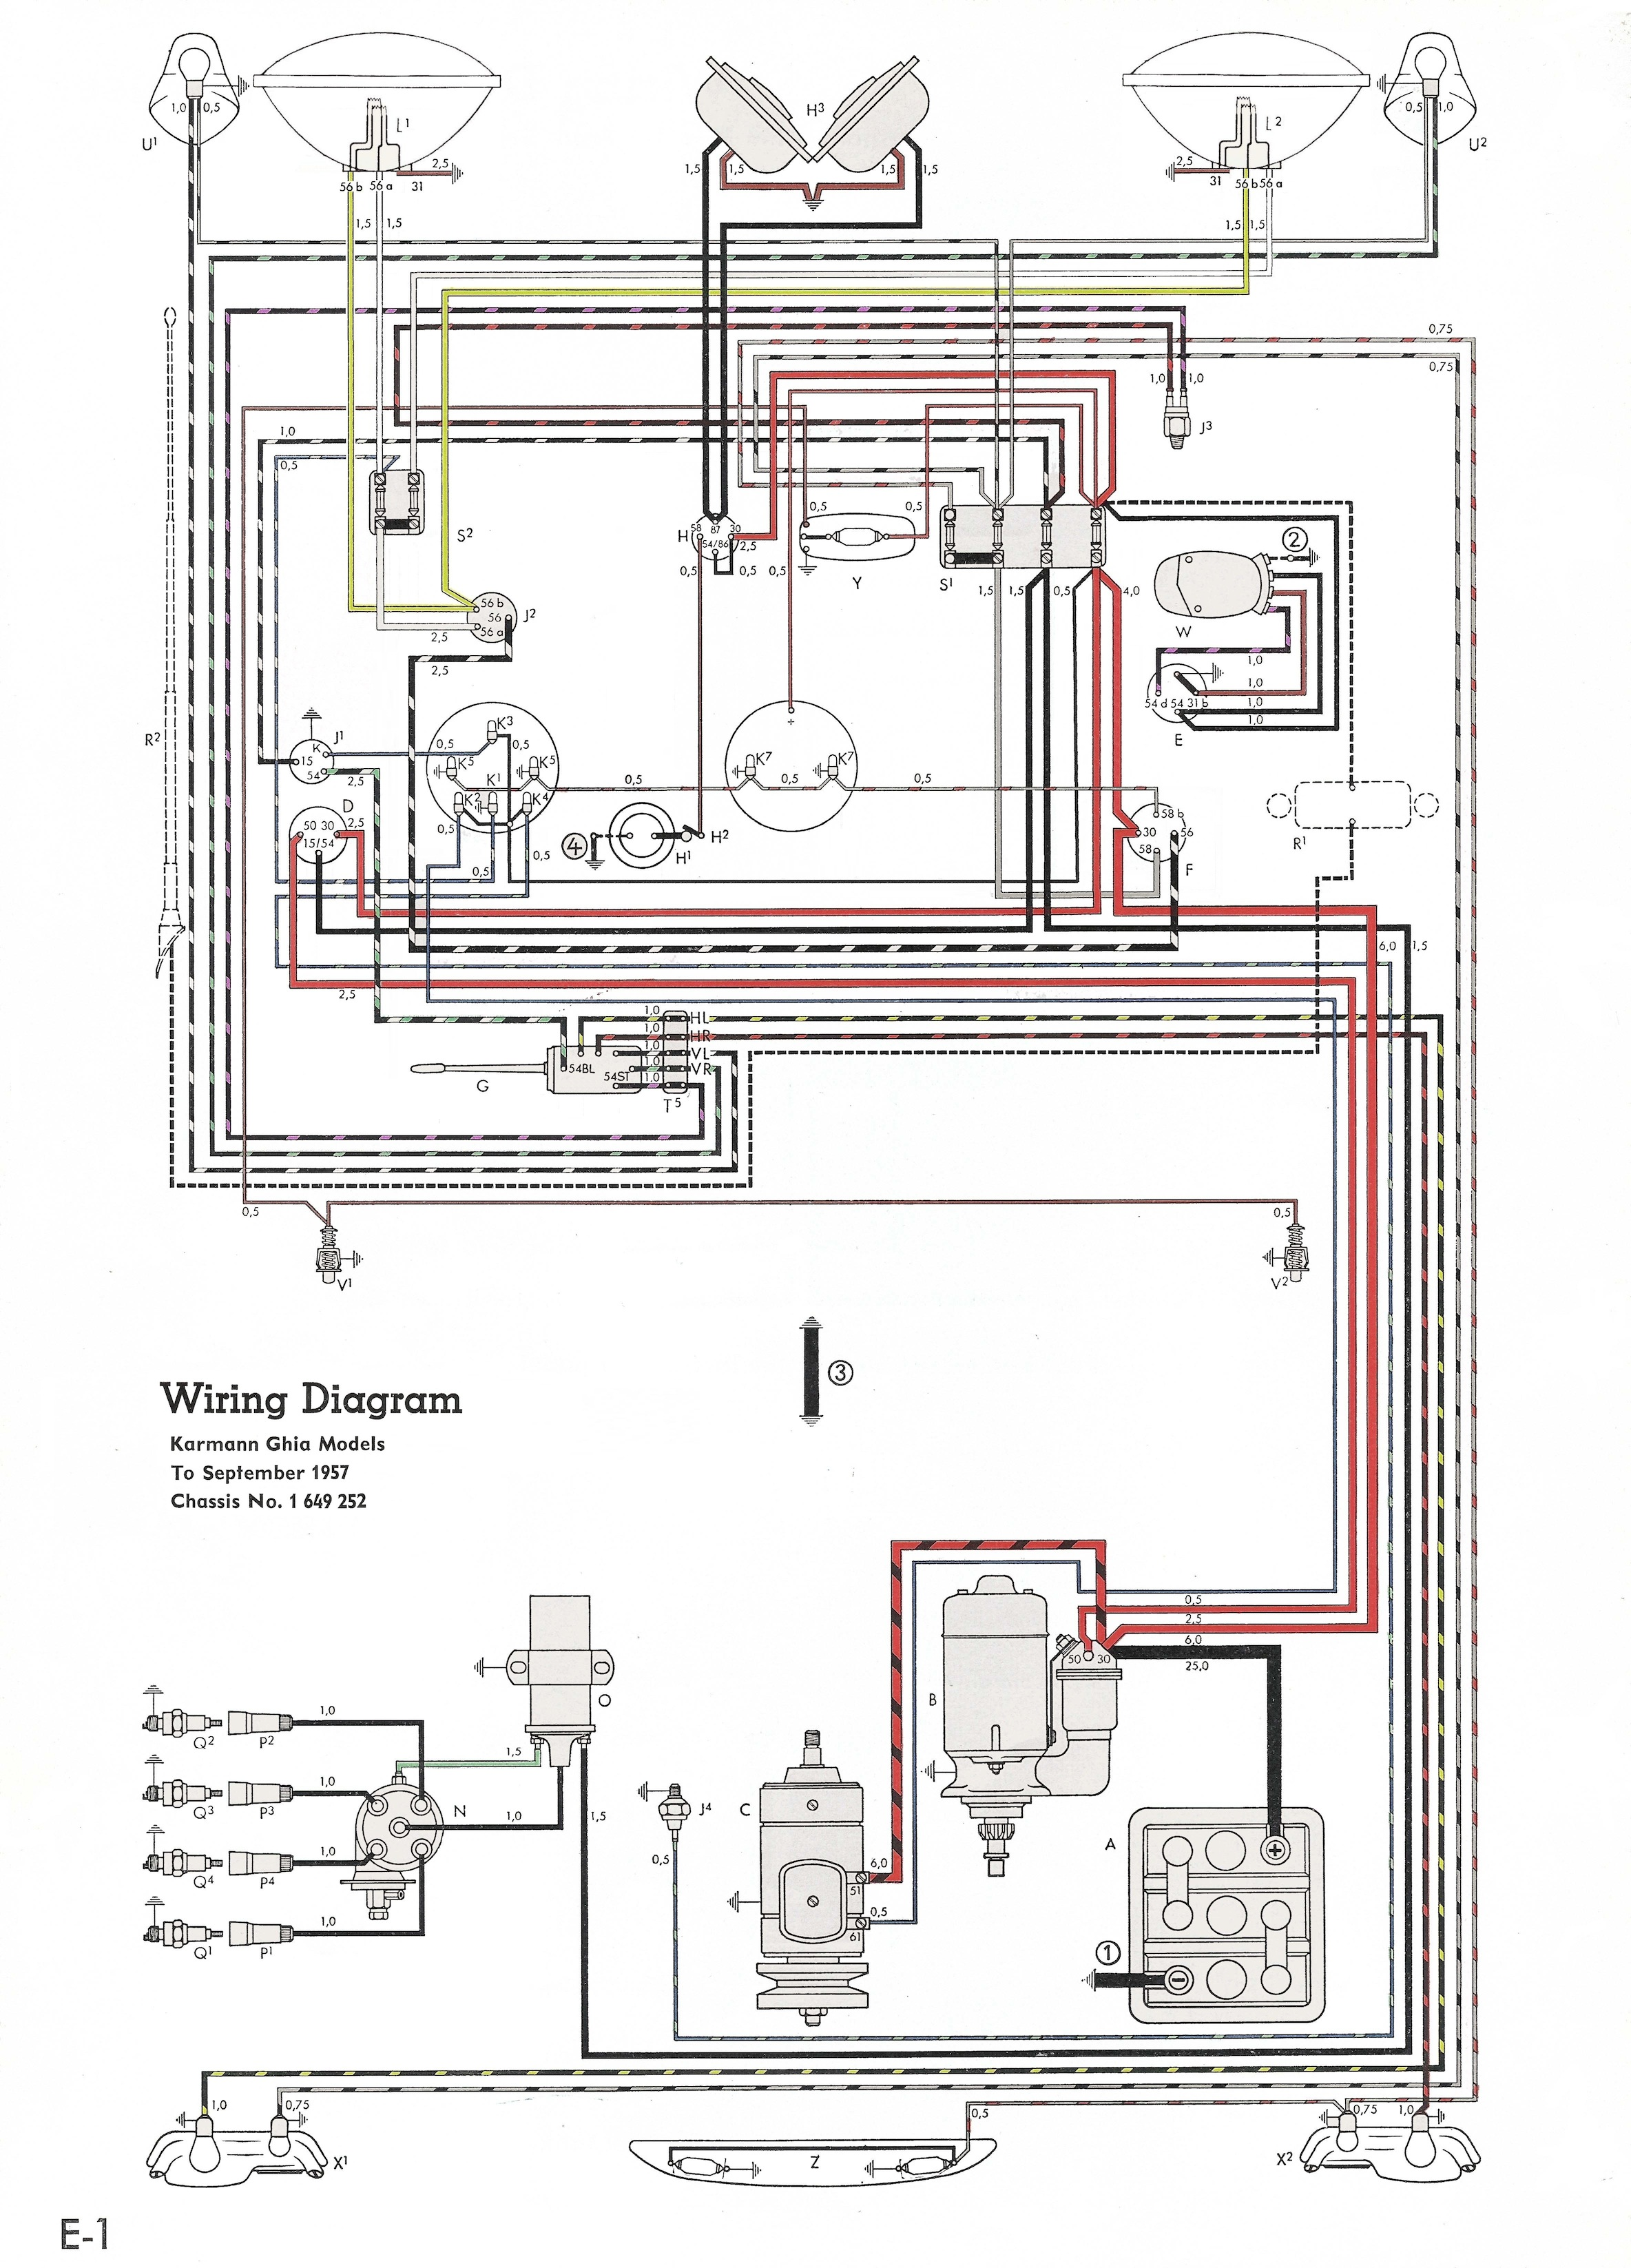 Ke70 Wiring Diagram - Roslonek.net